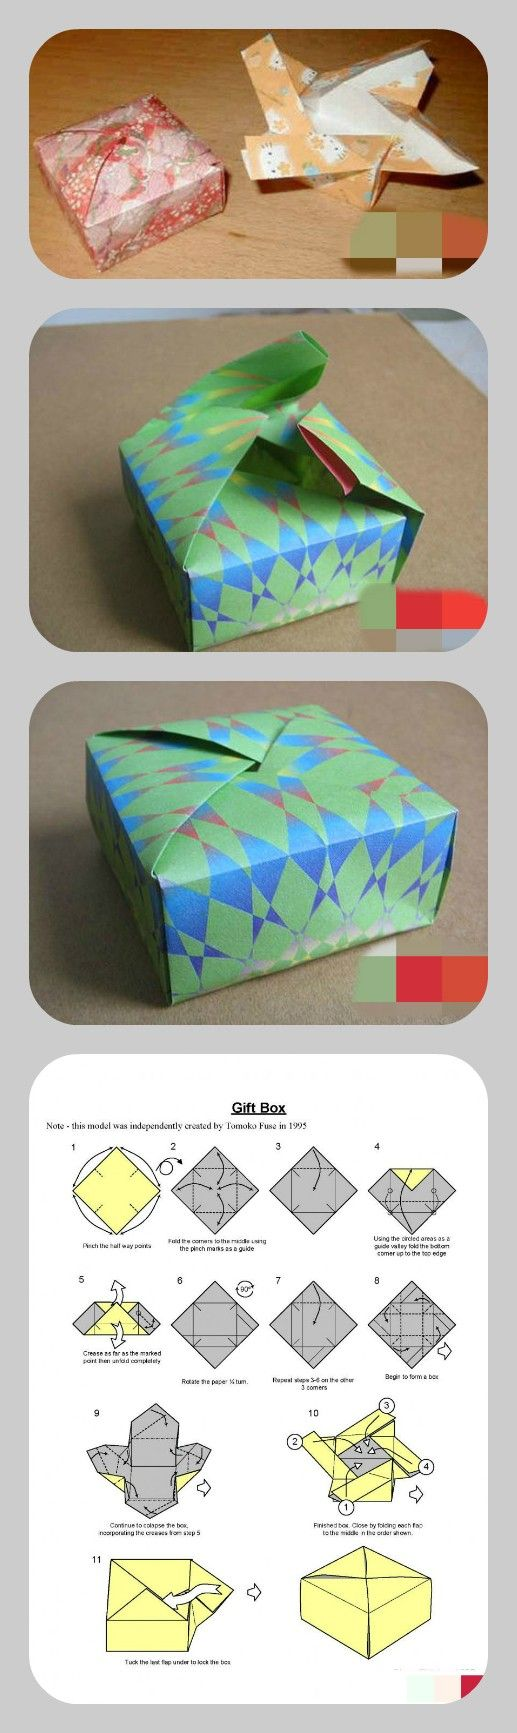 方形礼品盒,Box Templates to print for gift boxes, wedding favours, kids crafts and gift wrap ideas, printable, box , pattern,template, container,wrap, parent crafts, decor, design,paper crafts, cool teen crafts